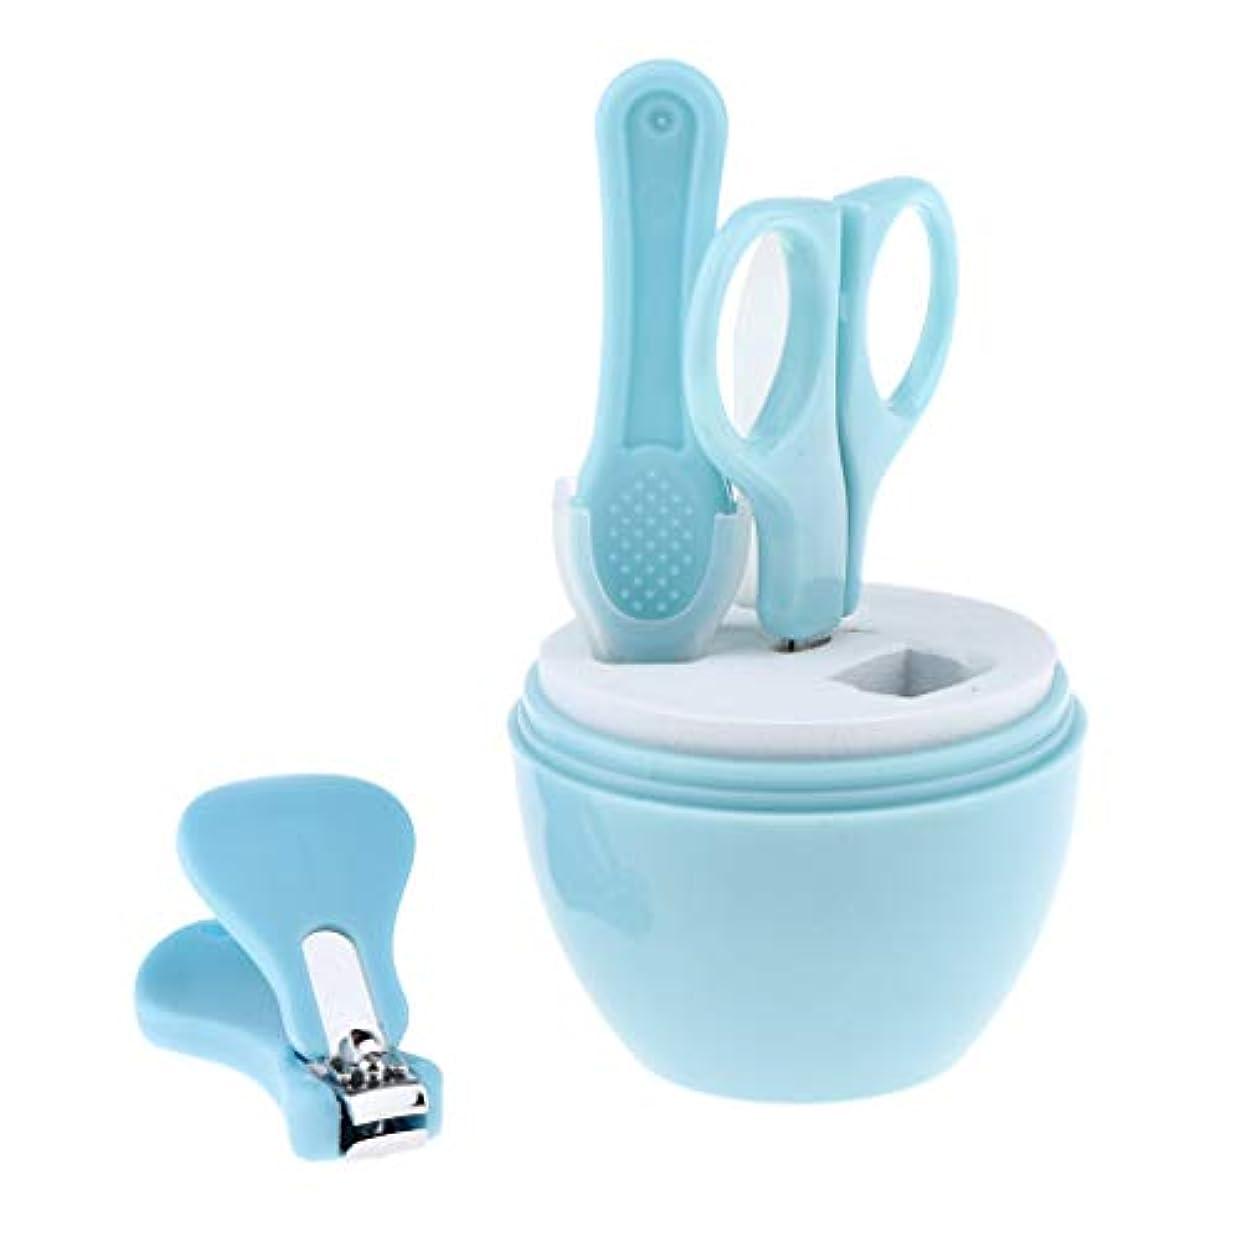 連想アノイ問い合わせる4本の実用的な赤ちゃんネイルケアセットネイルクリッパーシザーマニキュアキット - ブルー